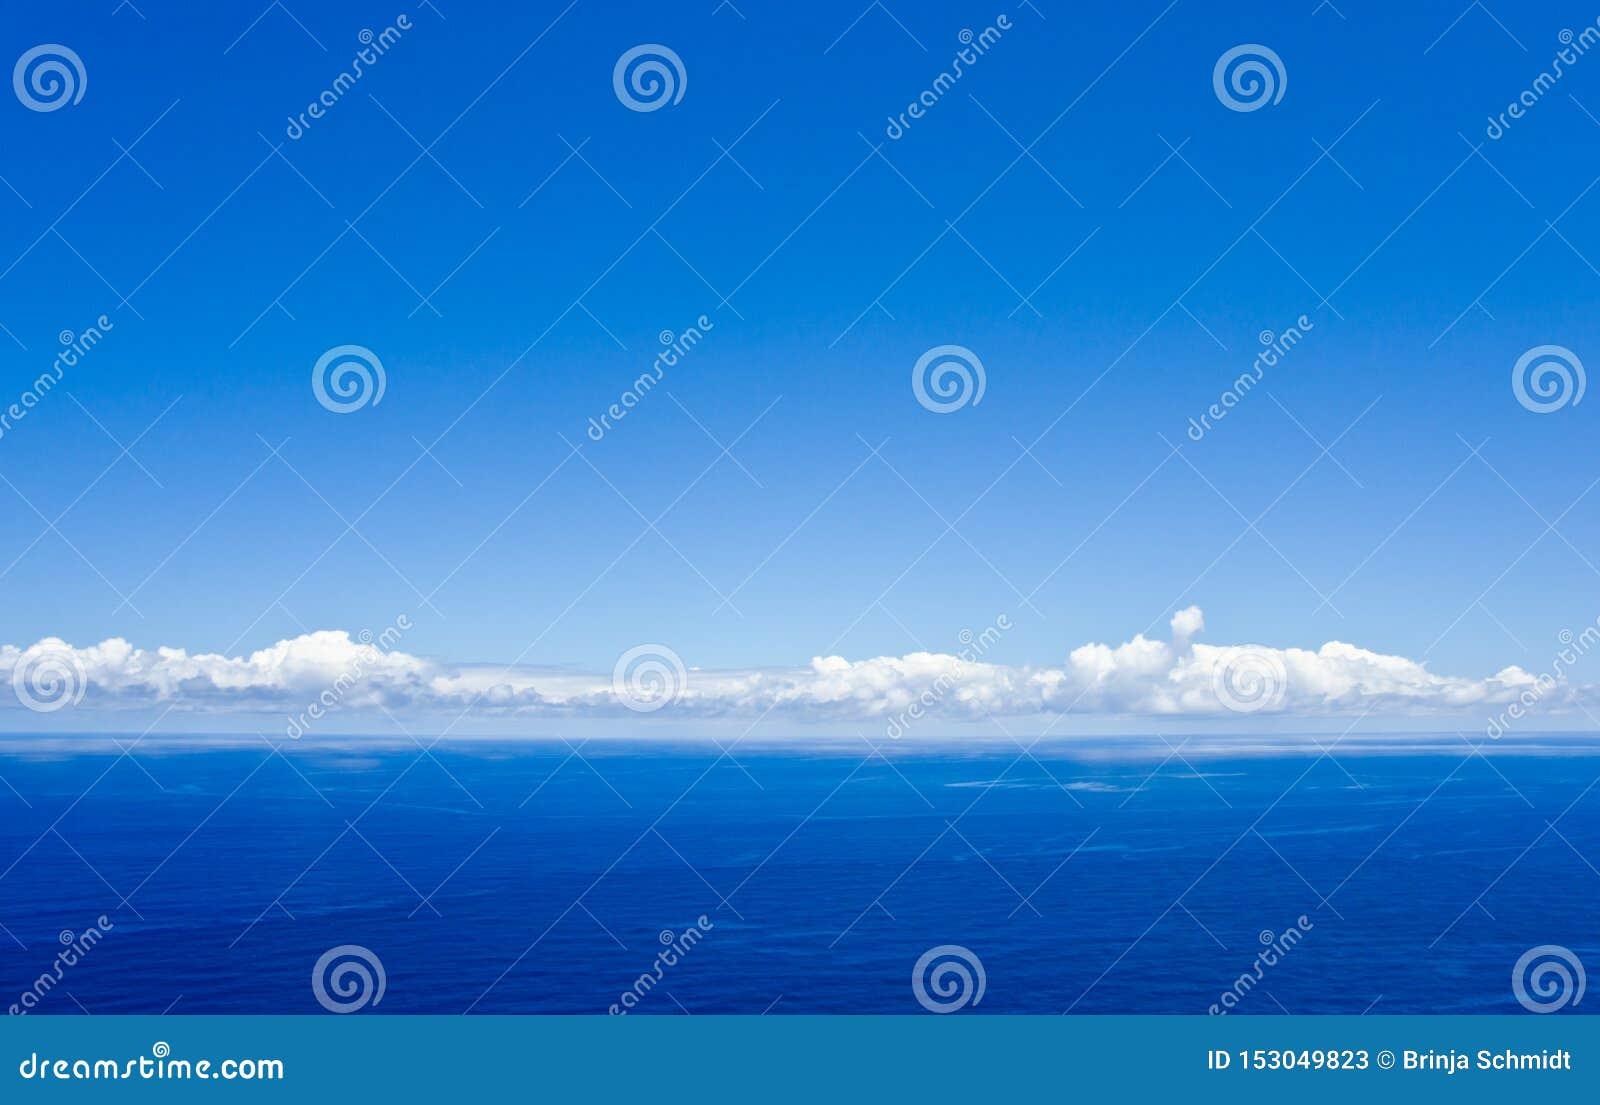 Голубое небо с некоторыми белыми облаками над Атлантическим океаном